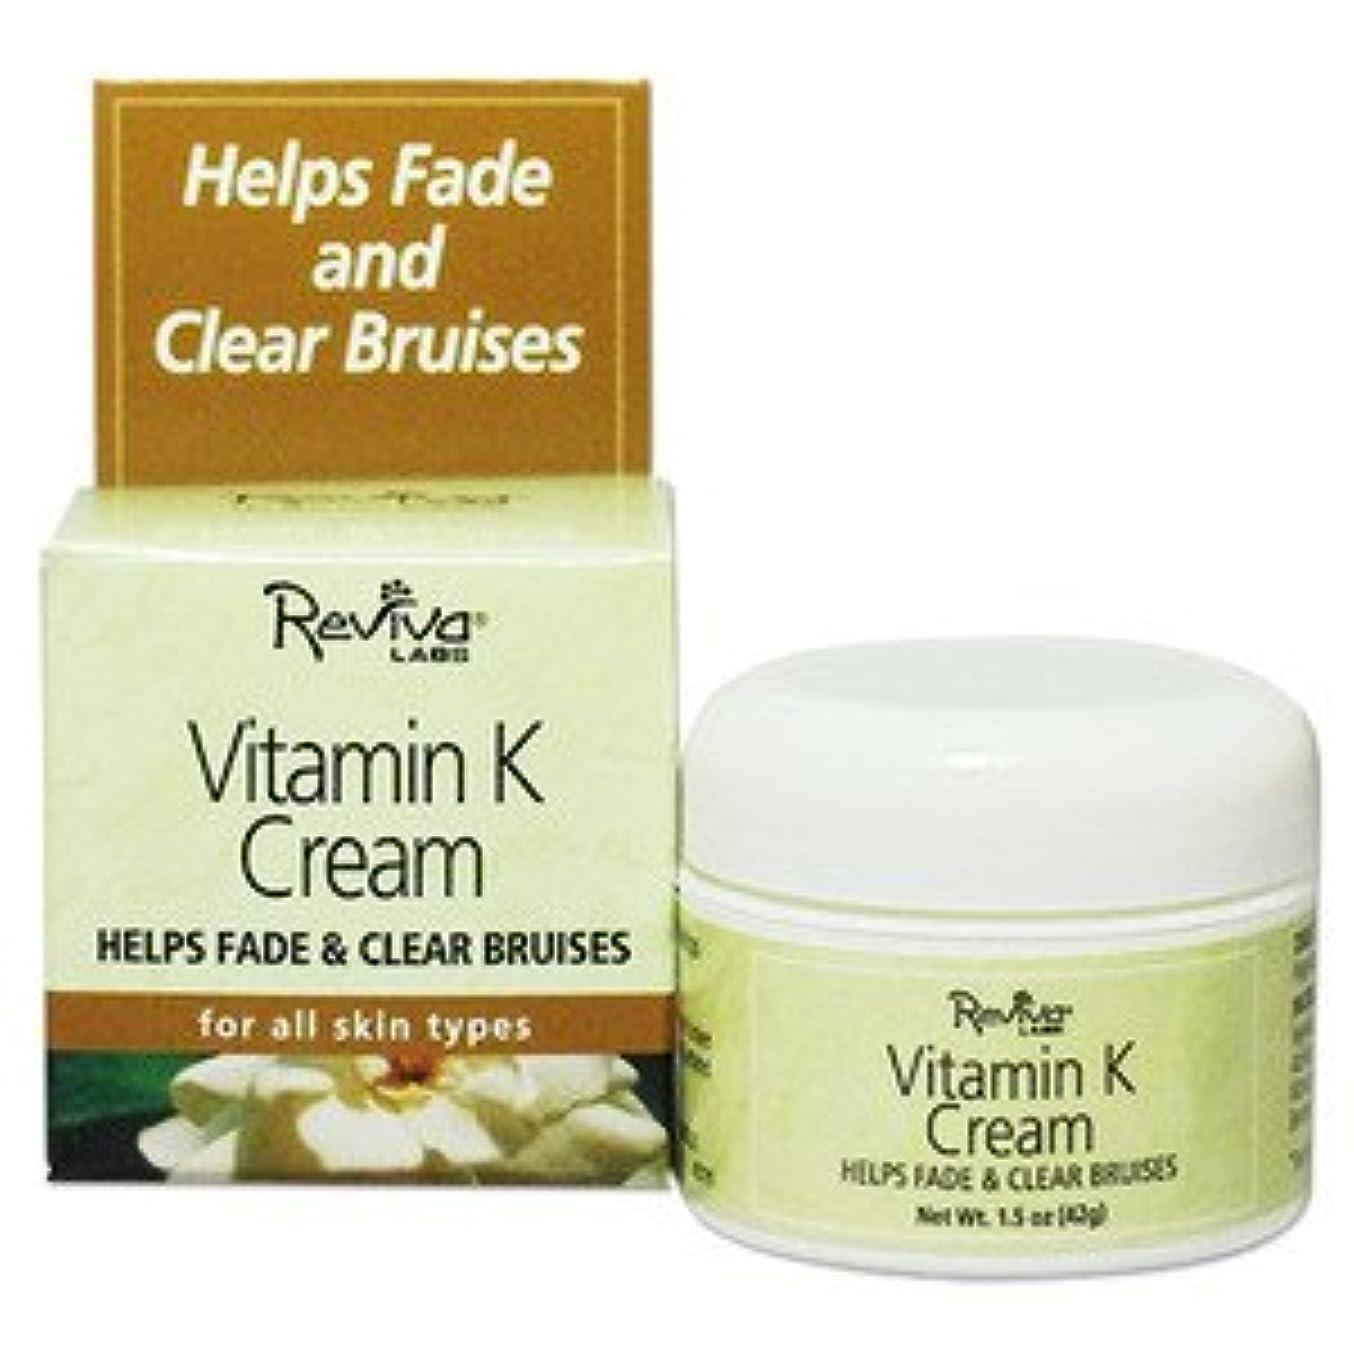 ブート起点そのReviva Labs レビバ社 Vitamin K Cream  (42 g)  ビタミンK クリーム 海外直送品